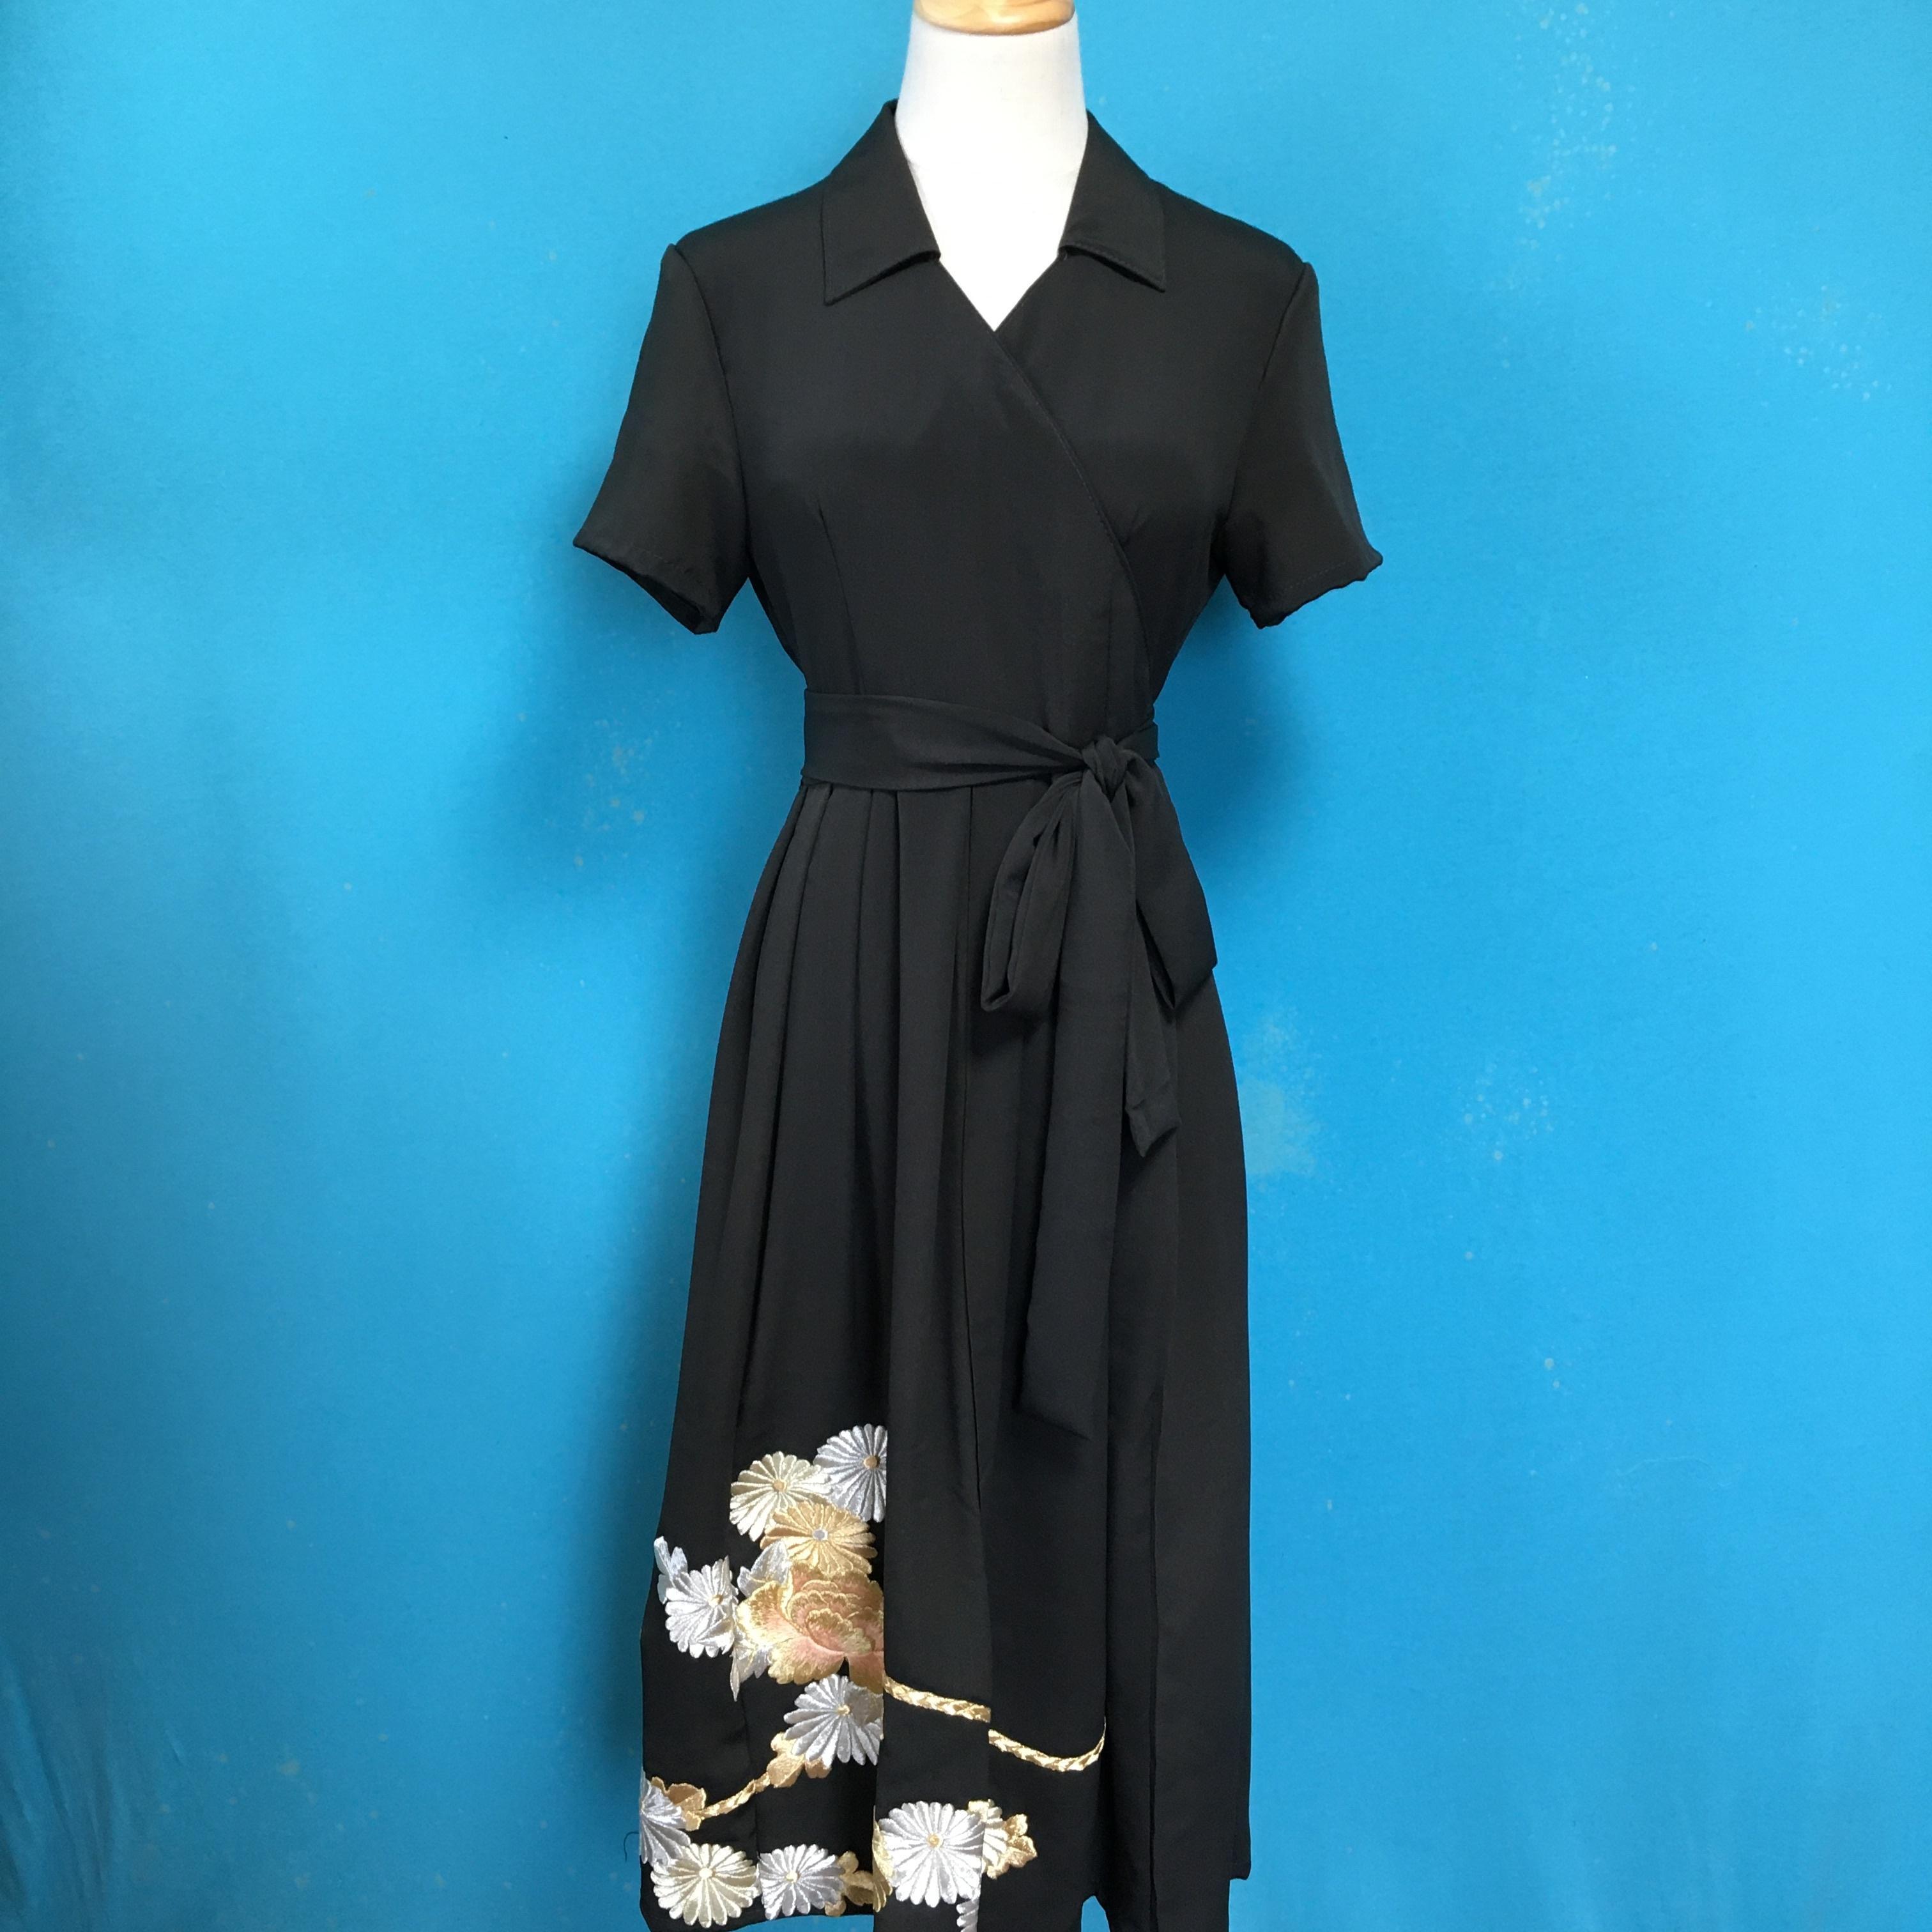 Vintage black kimono wrap dress/ US 8, gorgeous embroidery